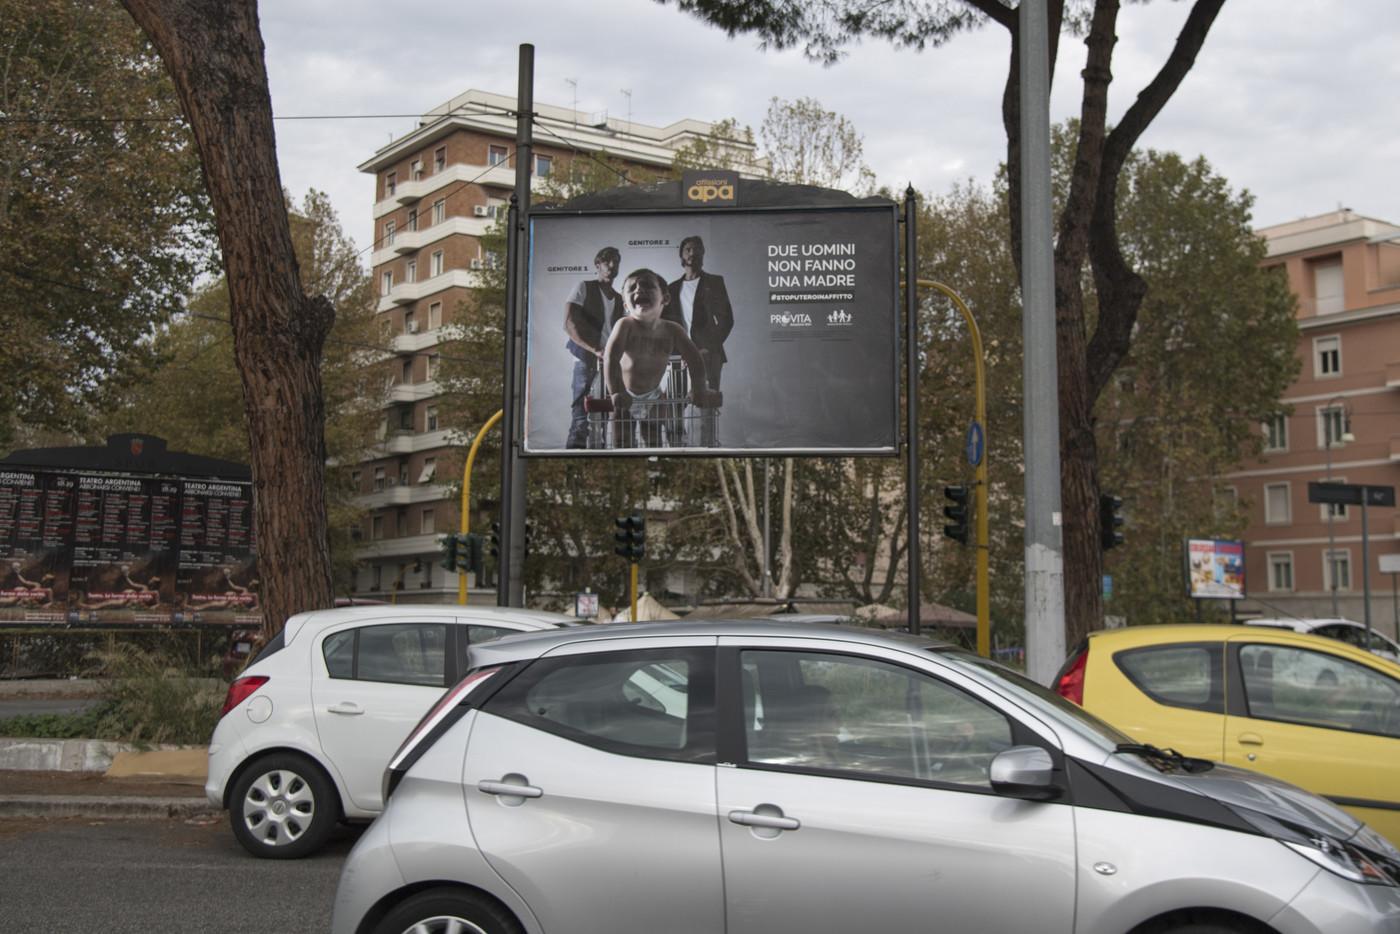 'Due uomini non fanno una madre': manifesti omofobi a Roma. E Raggi interviene